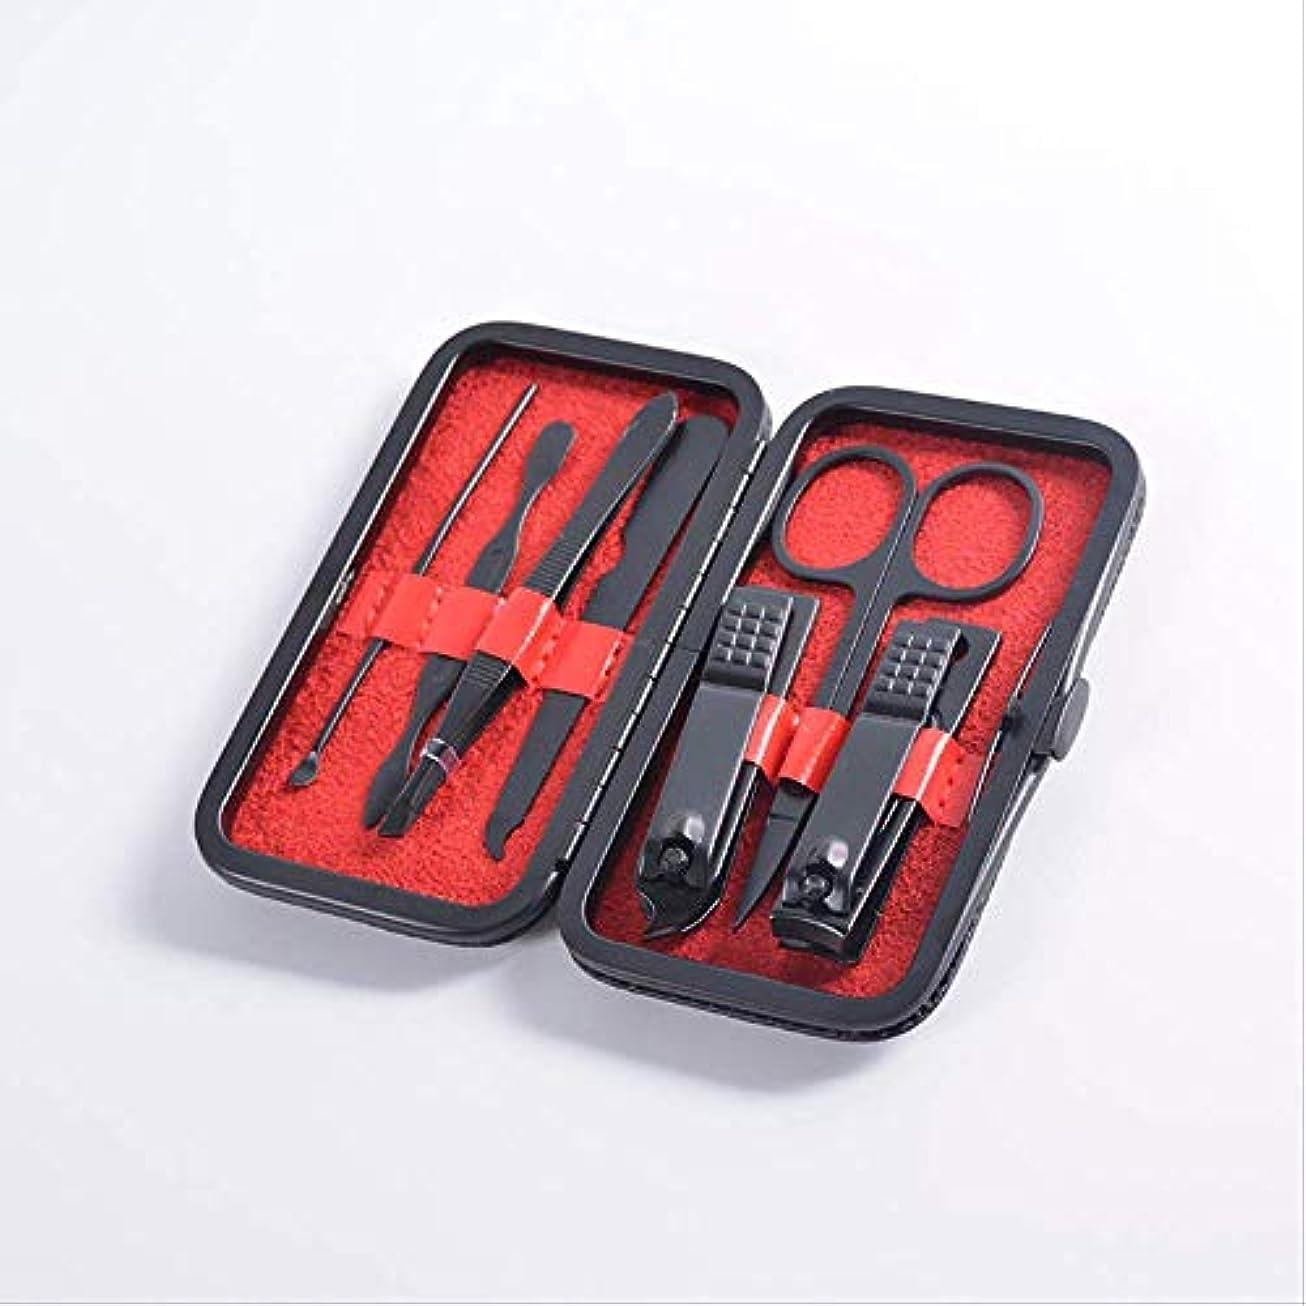 の間にシリーズシンプルな爪切りマニキュアセット美容ツール7組の足指の爪の爪のケアナイフ 黒